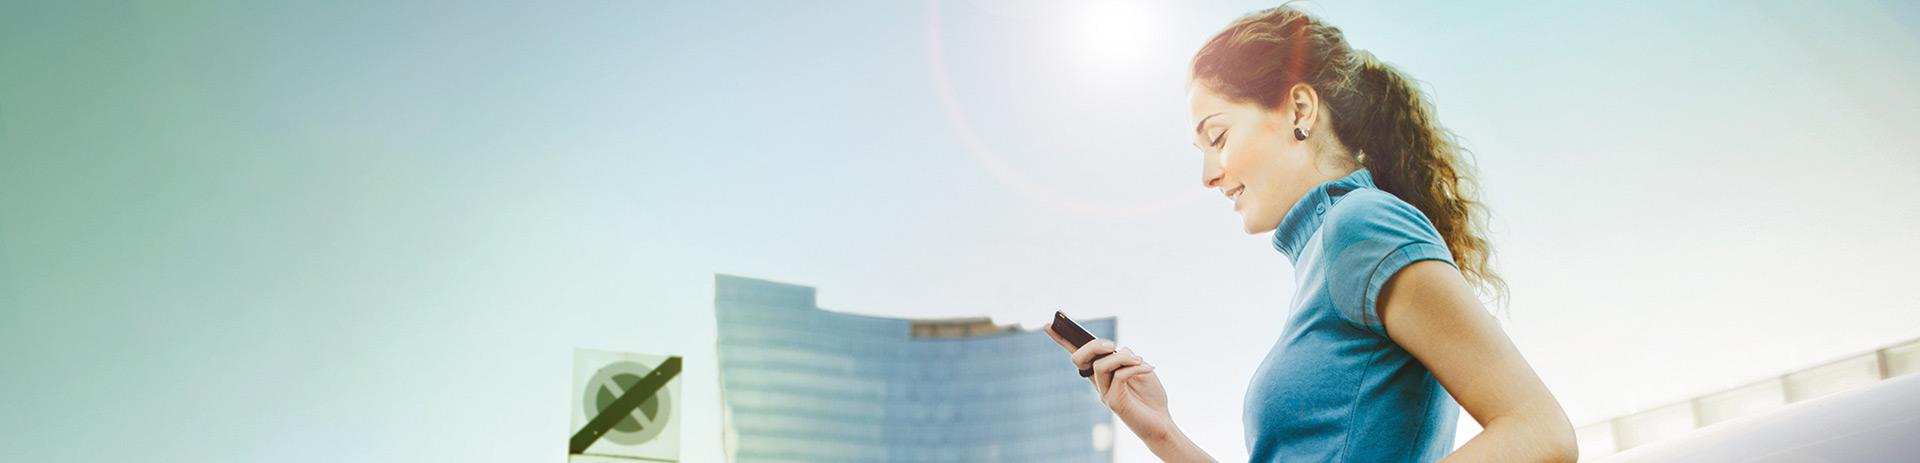 eine junge Dame steht vor einem großen Bürokomplex und sieht auf ihr Smartphone